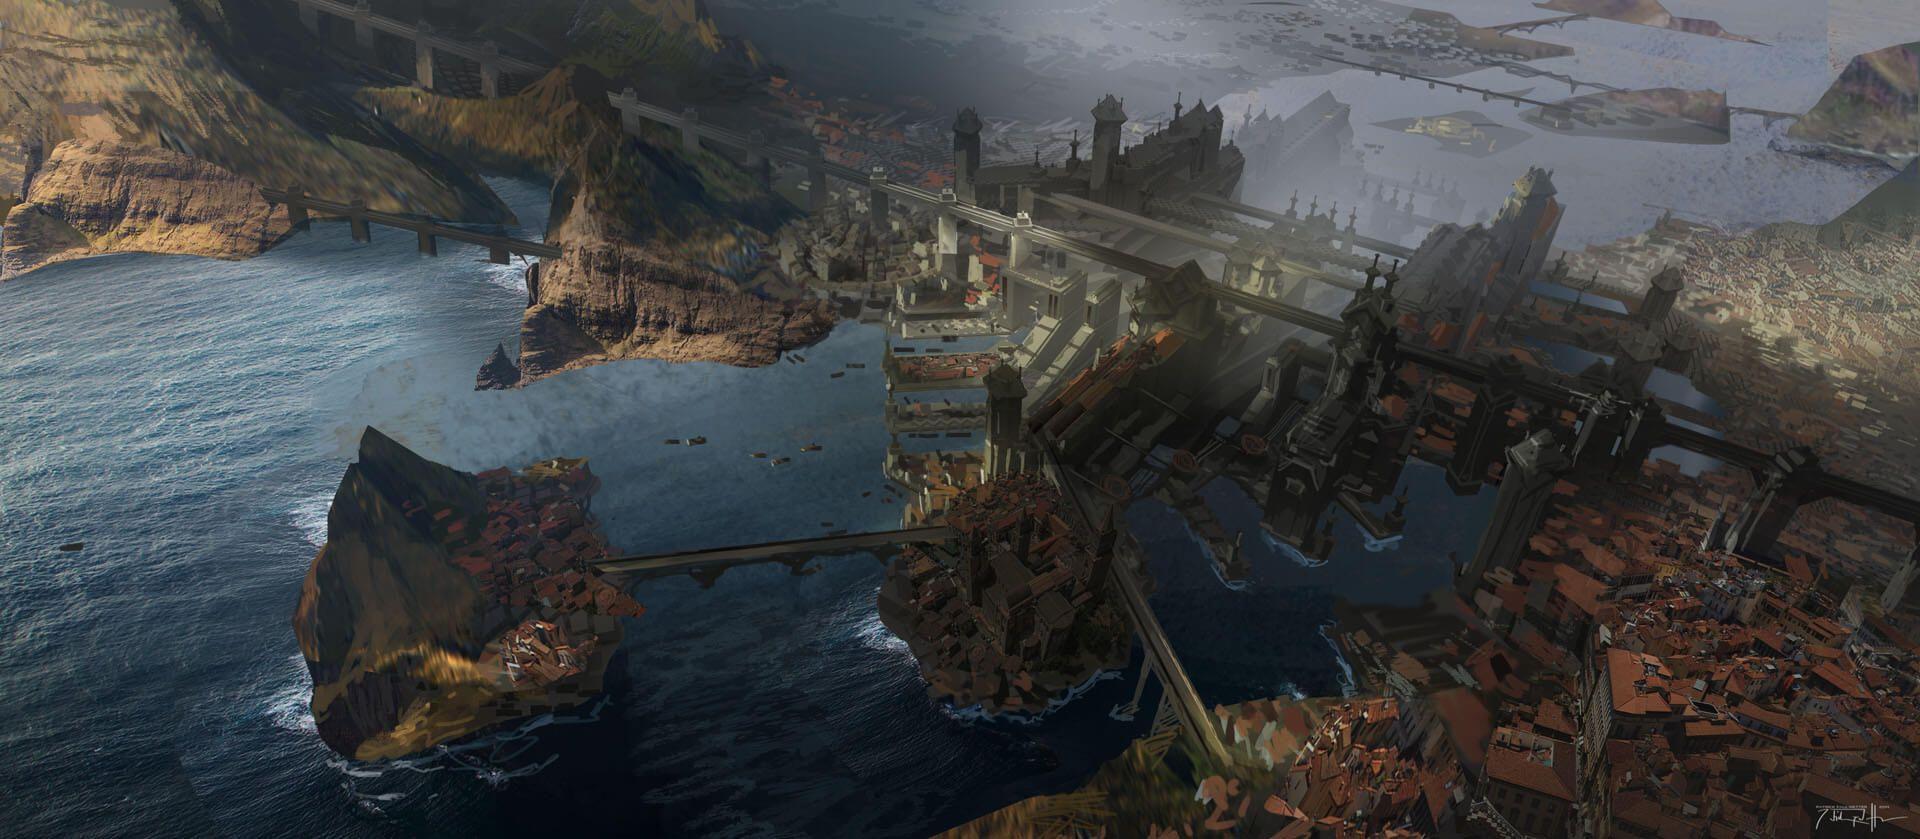 Map of Runeterra - Universe - League of Legends | Art | Pinterest ...